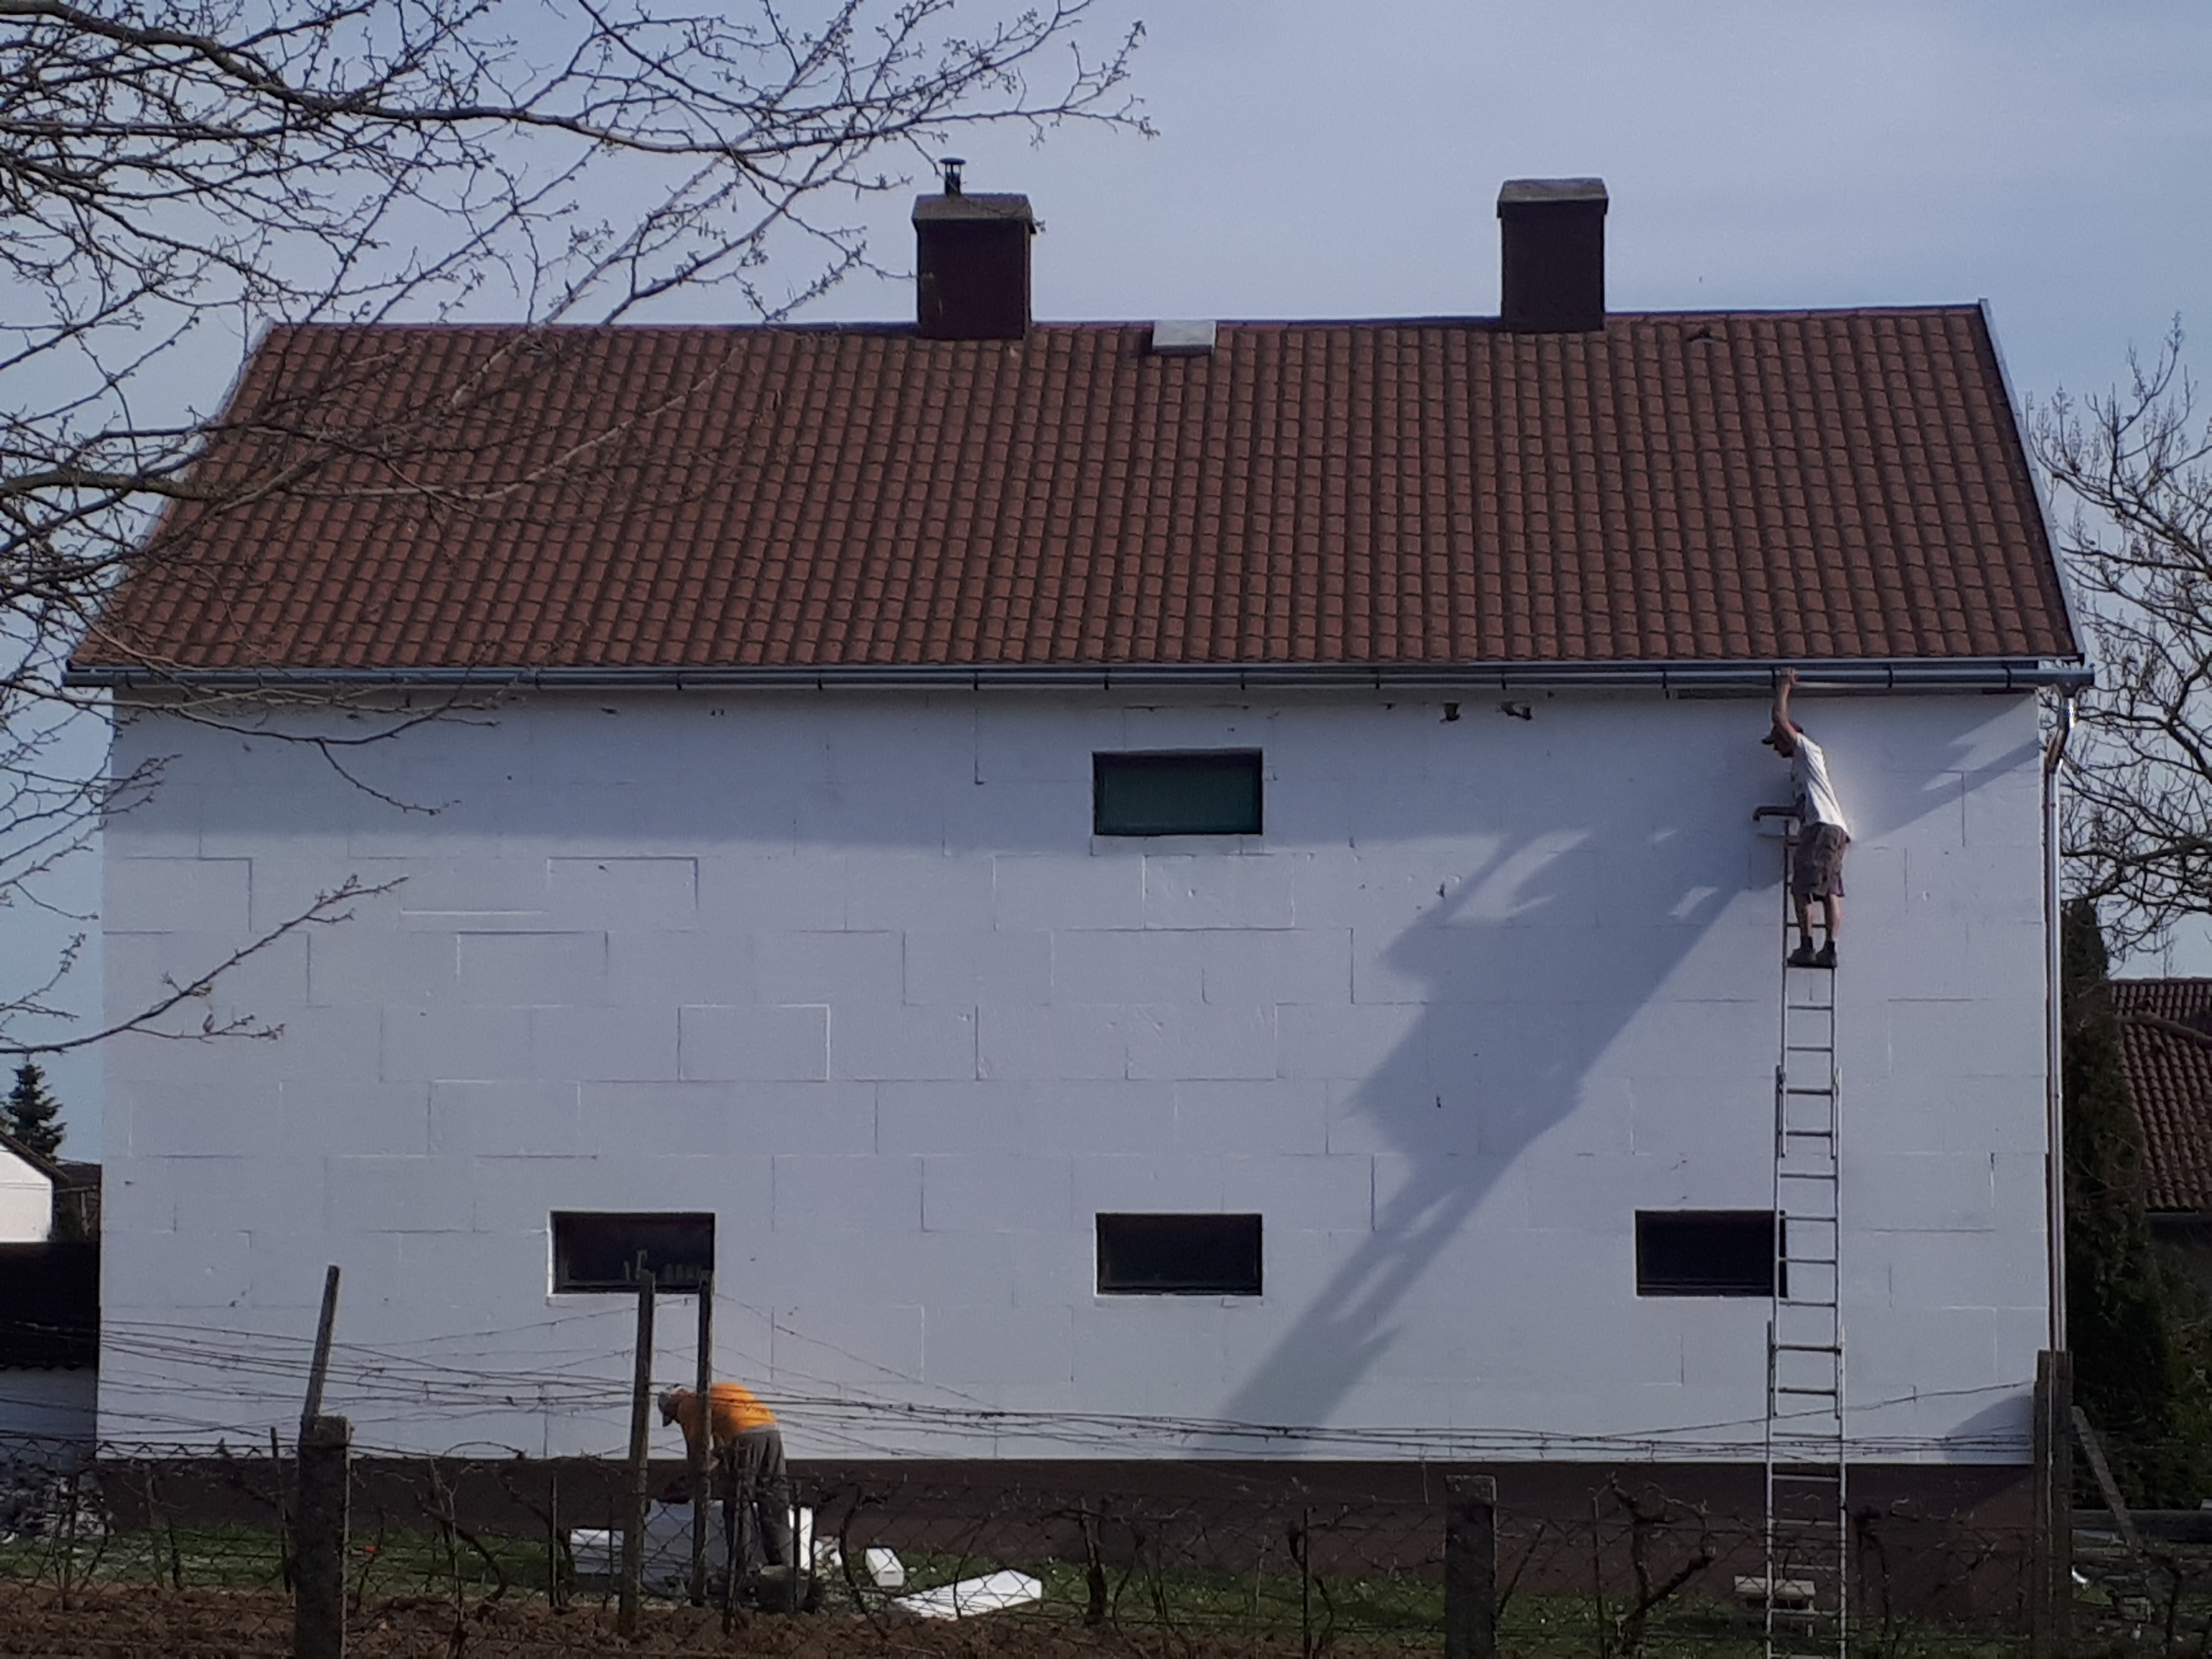 Palatető felújítás Tiszacsécse, palatető szigetelés TiszacsécseCsaládi ház palatető felújítása